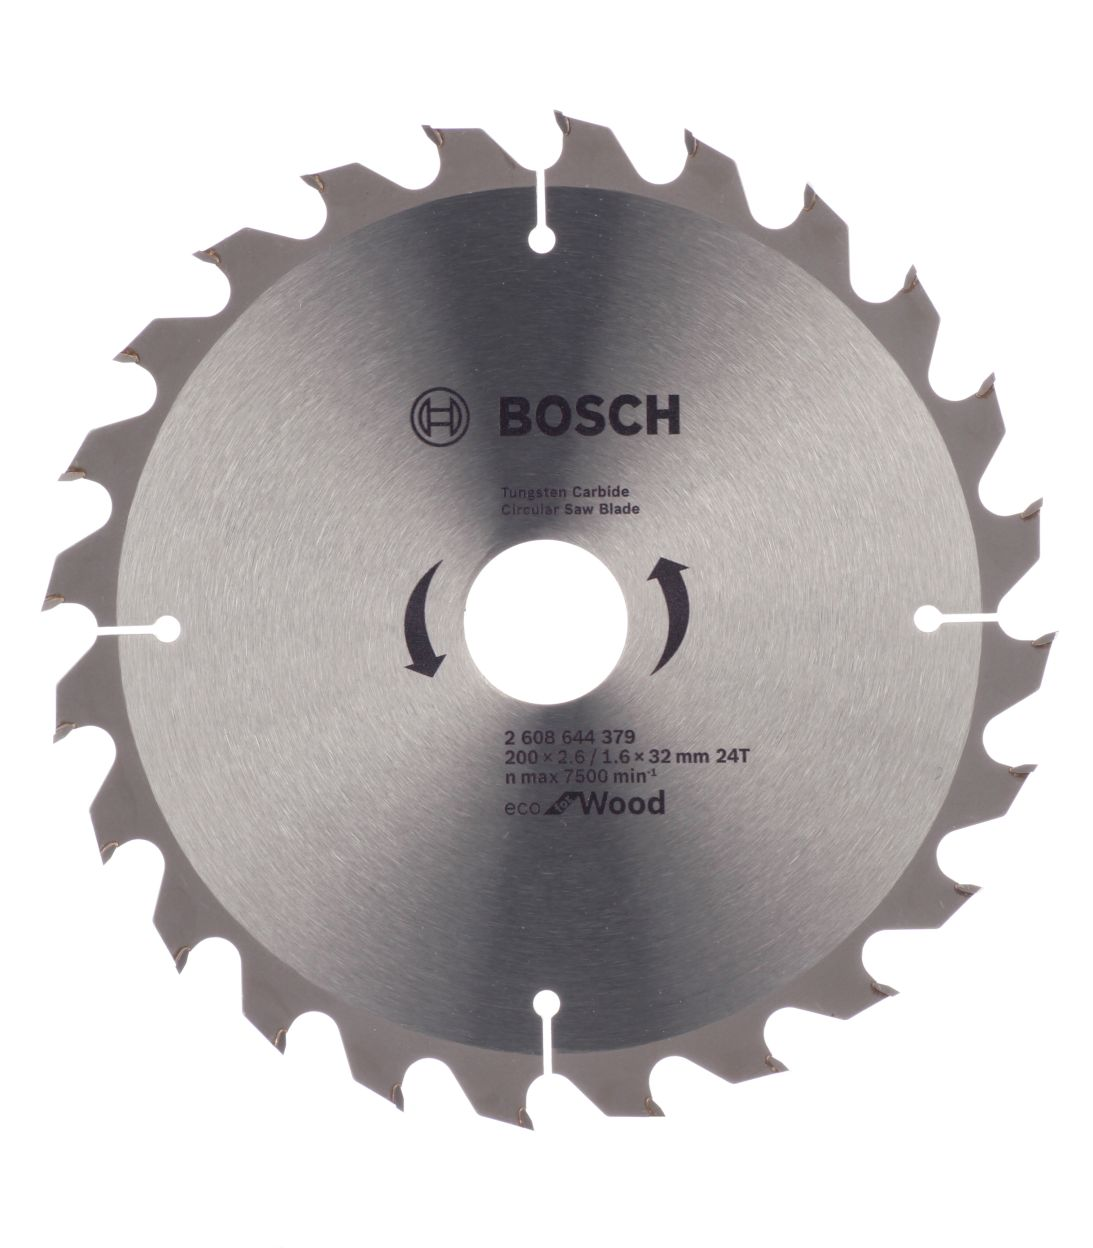 Диск пильный Bosch Optiline ECO 200х24х32 мм диск пильный 190х24х30 мм optiline bosch профи